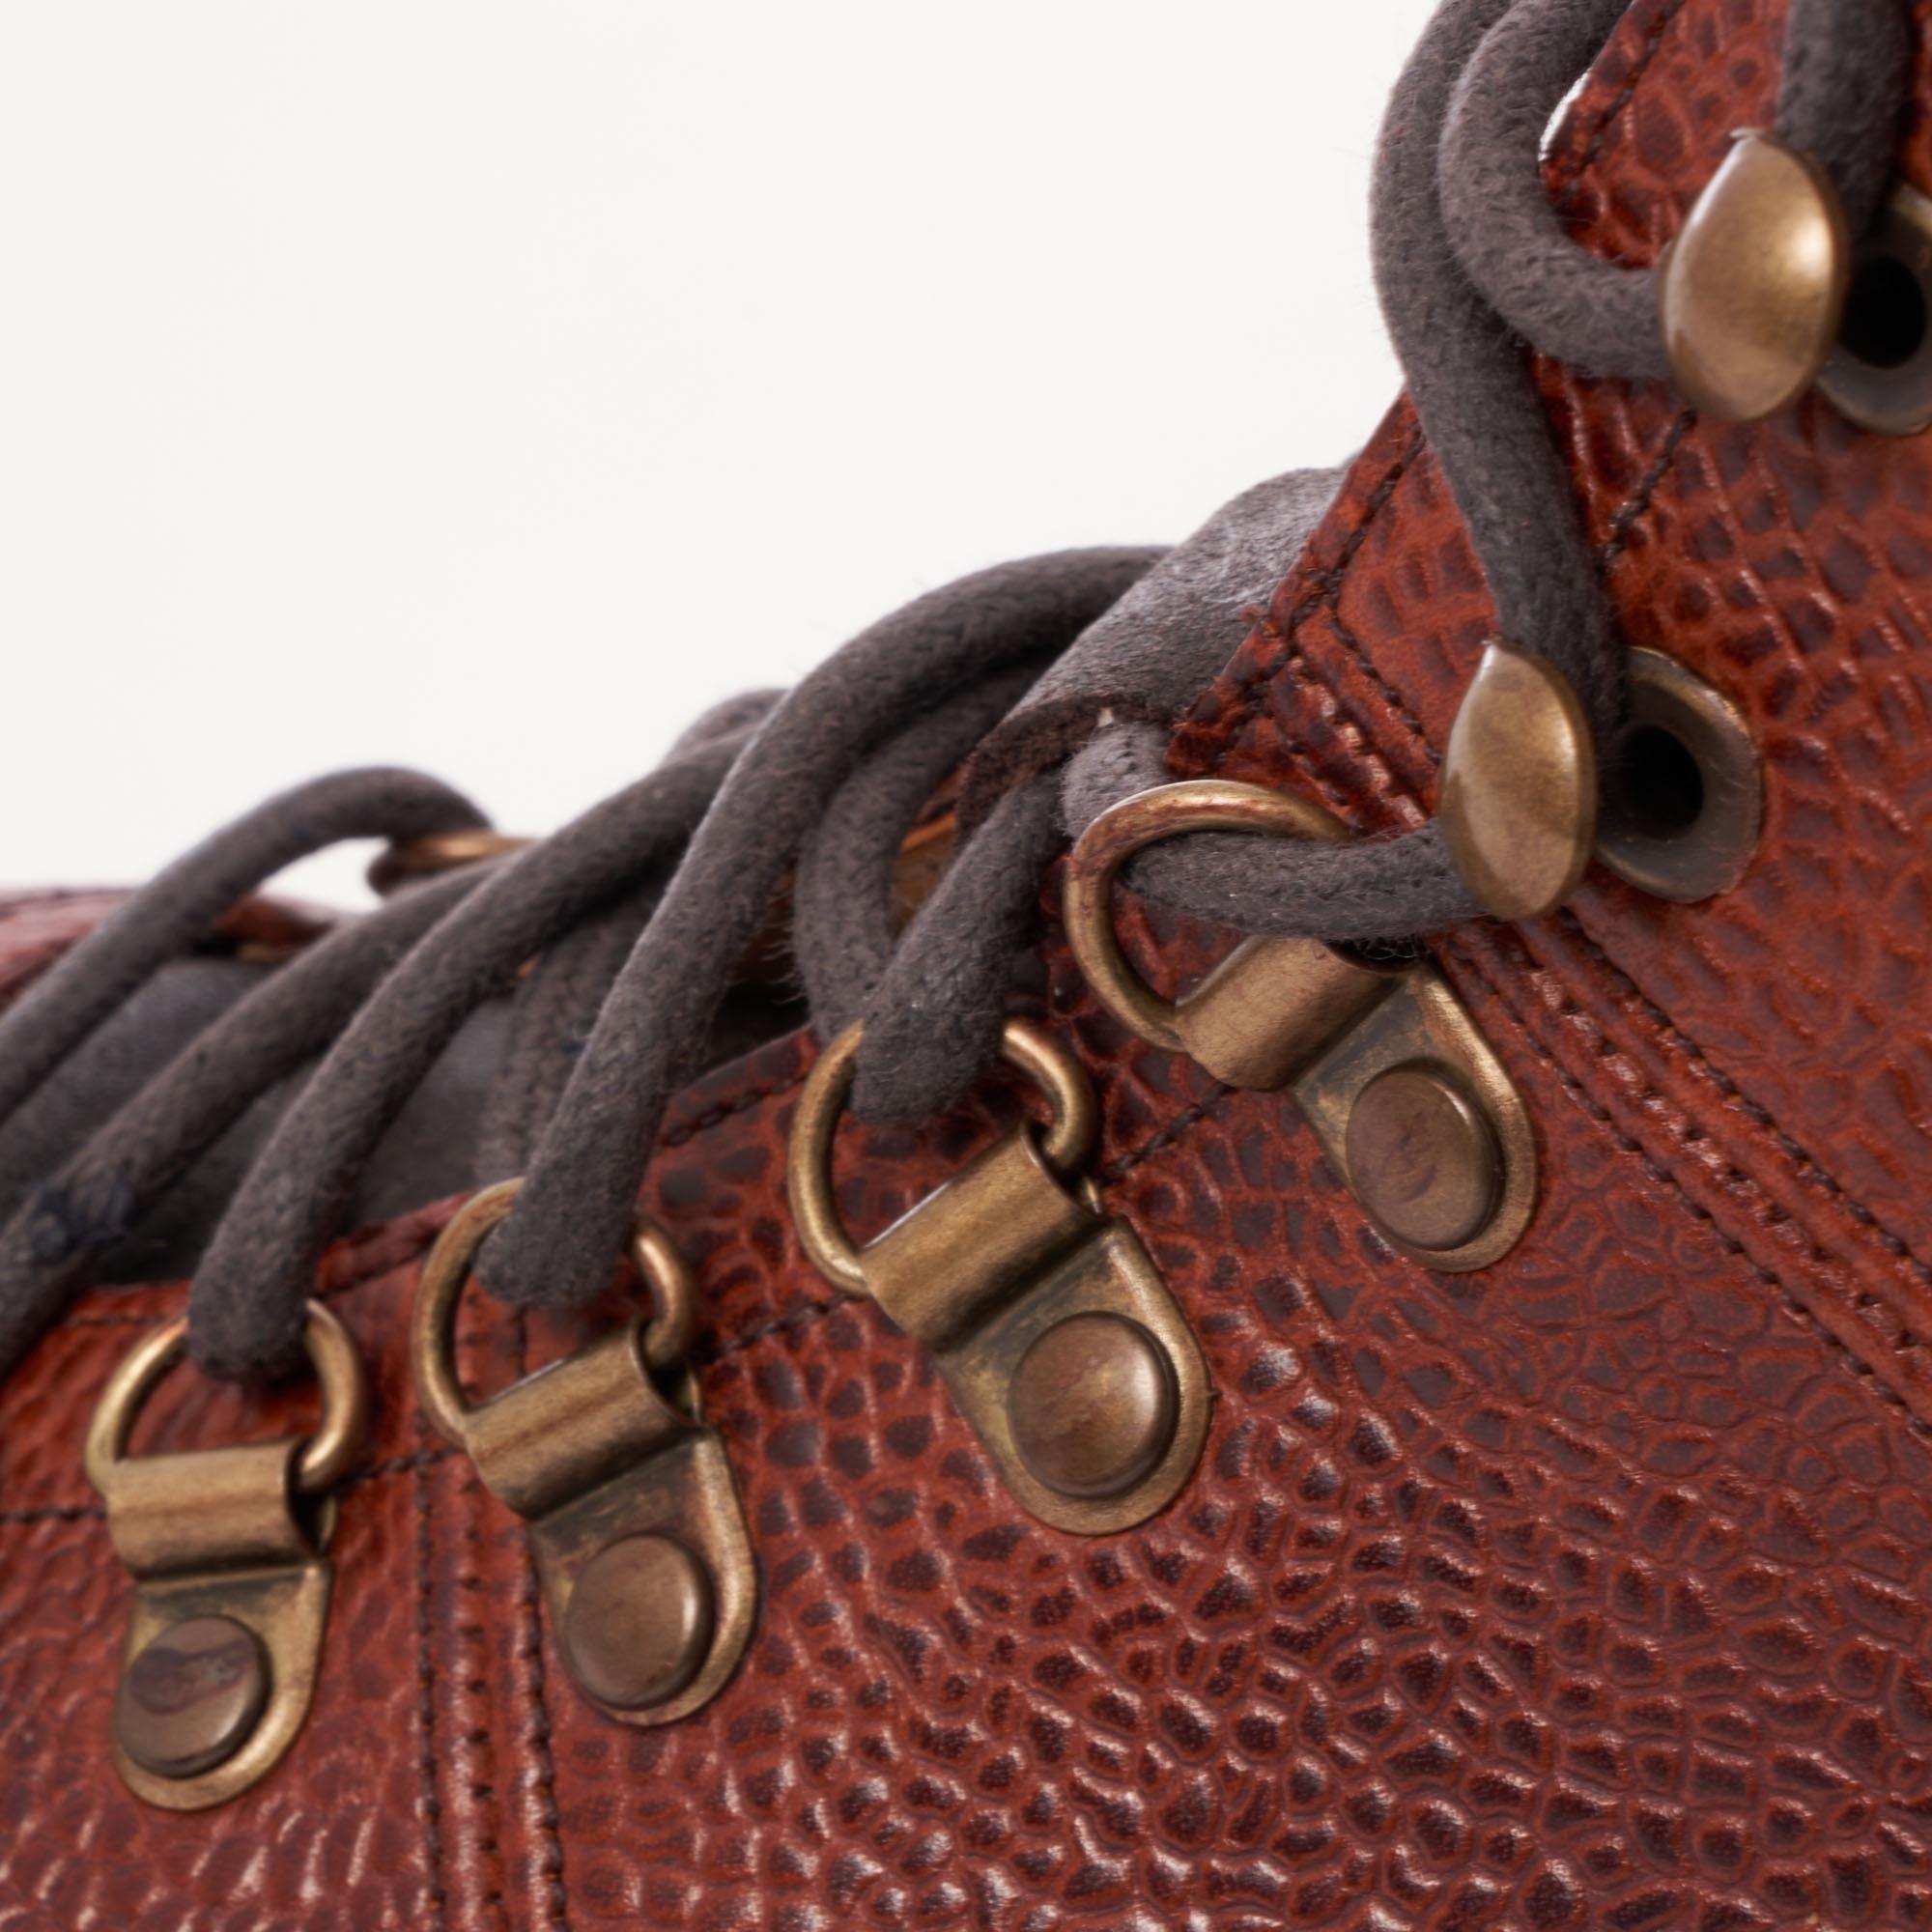 e25e087578a Ingleborough Hiker Boot - Mahogany Grain Leather